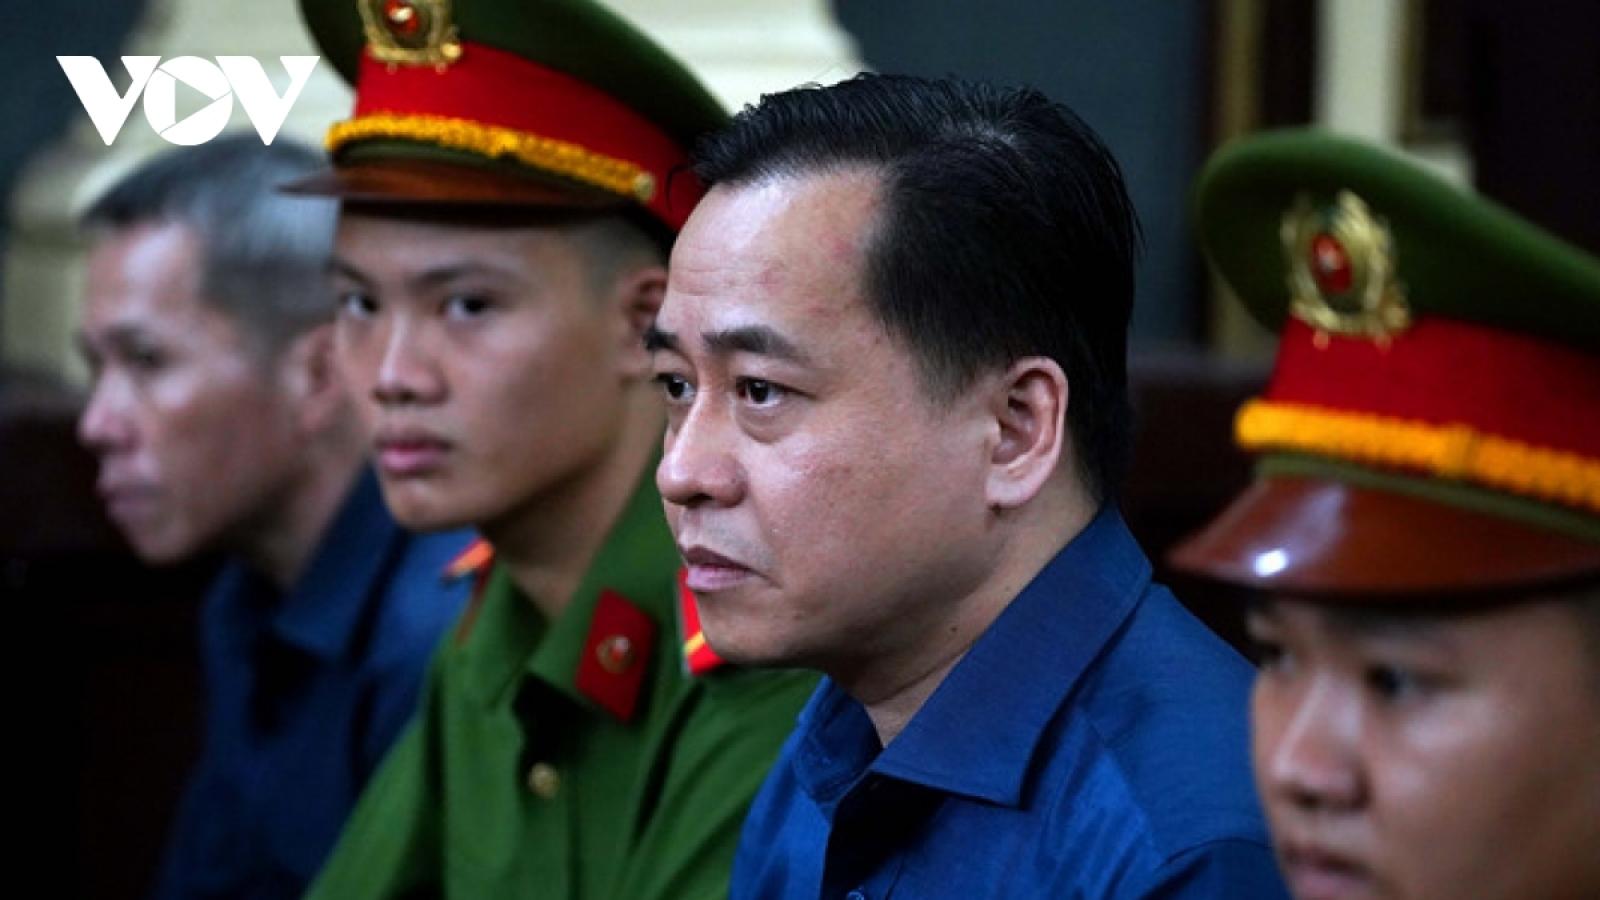 Ông Nguyễn Duy Linh sắp bị xét xử vì cáo buộc nhận hối lộ từ Phan Văn Anh Vũ